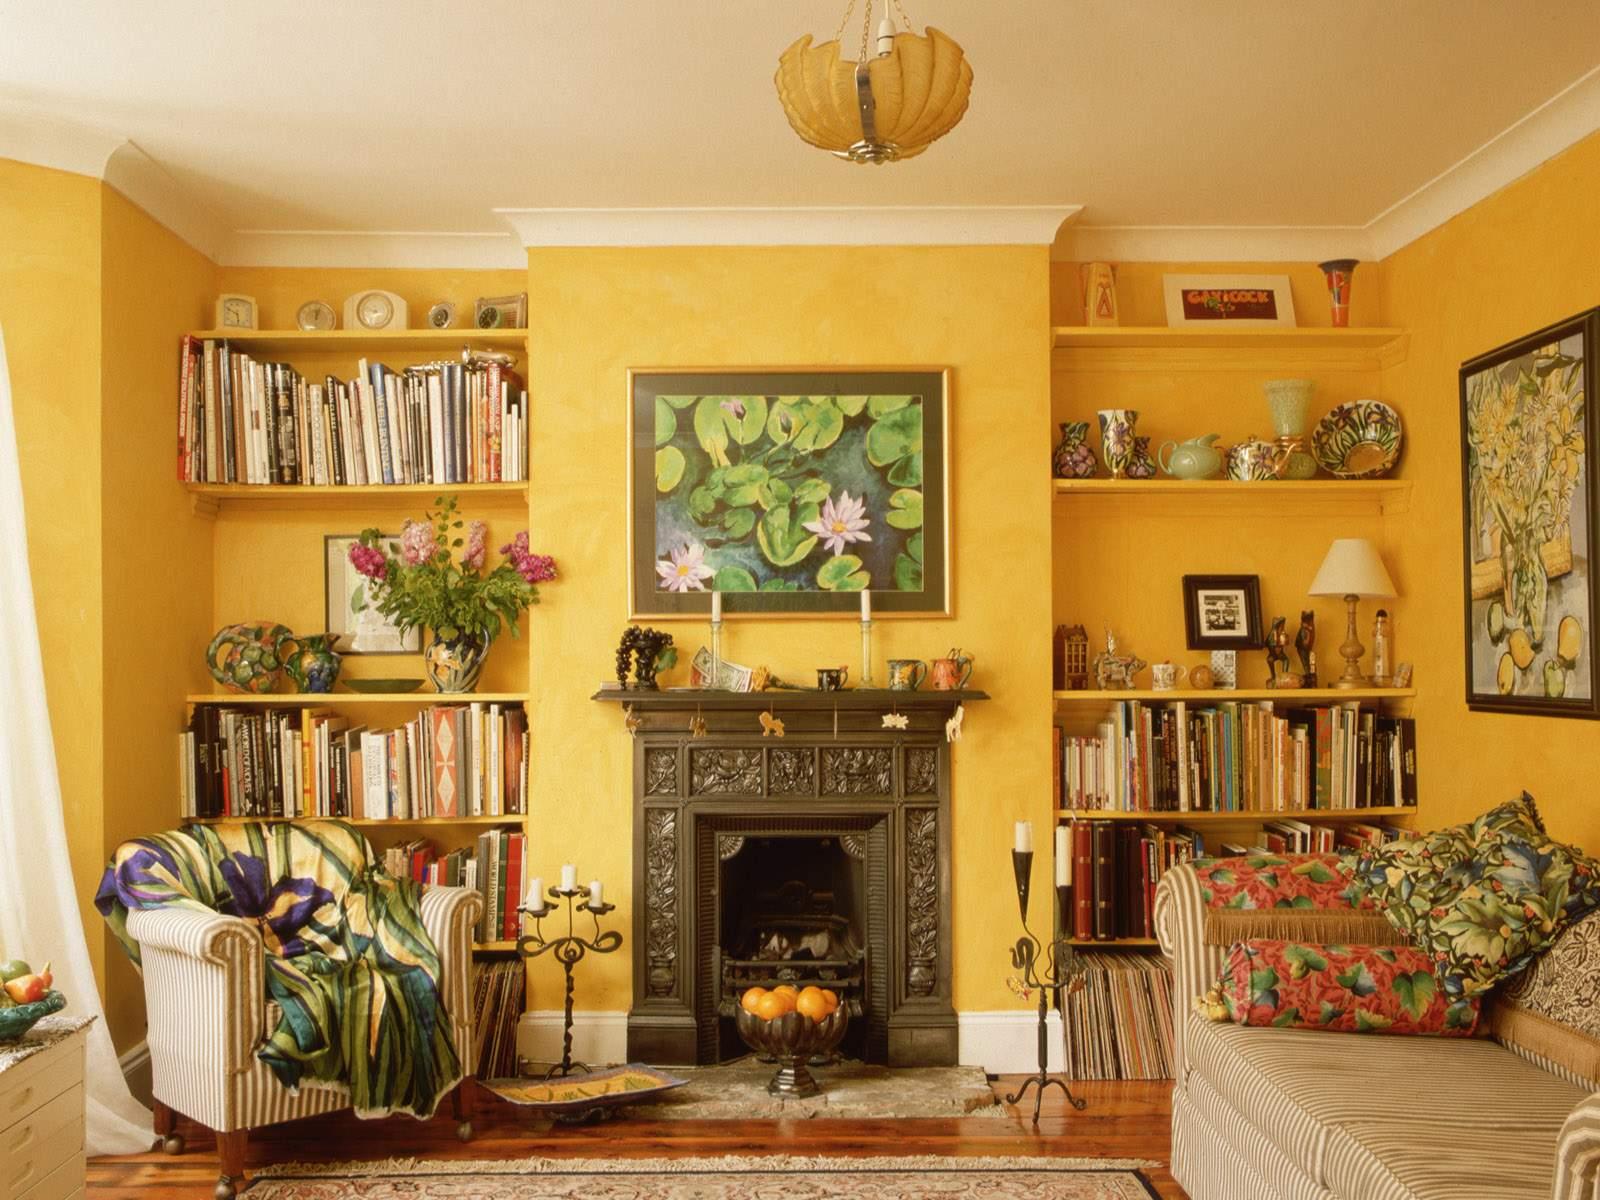 design ideas living room in 2014 – living room interior design ideas ...